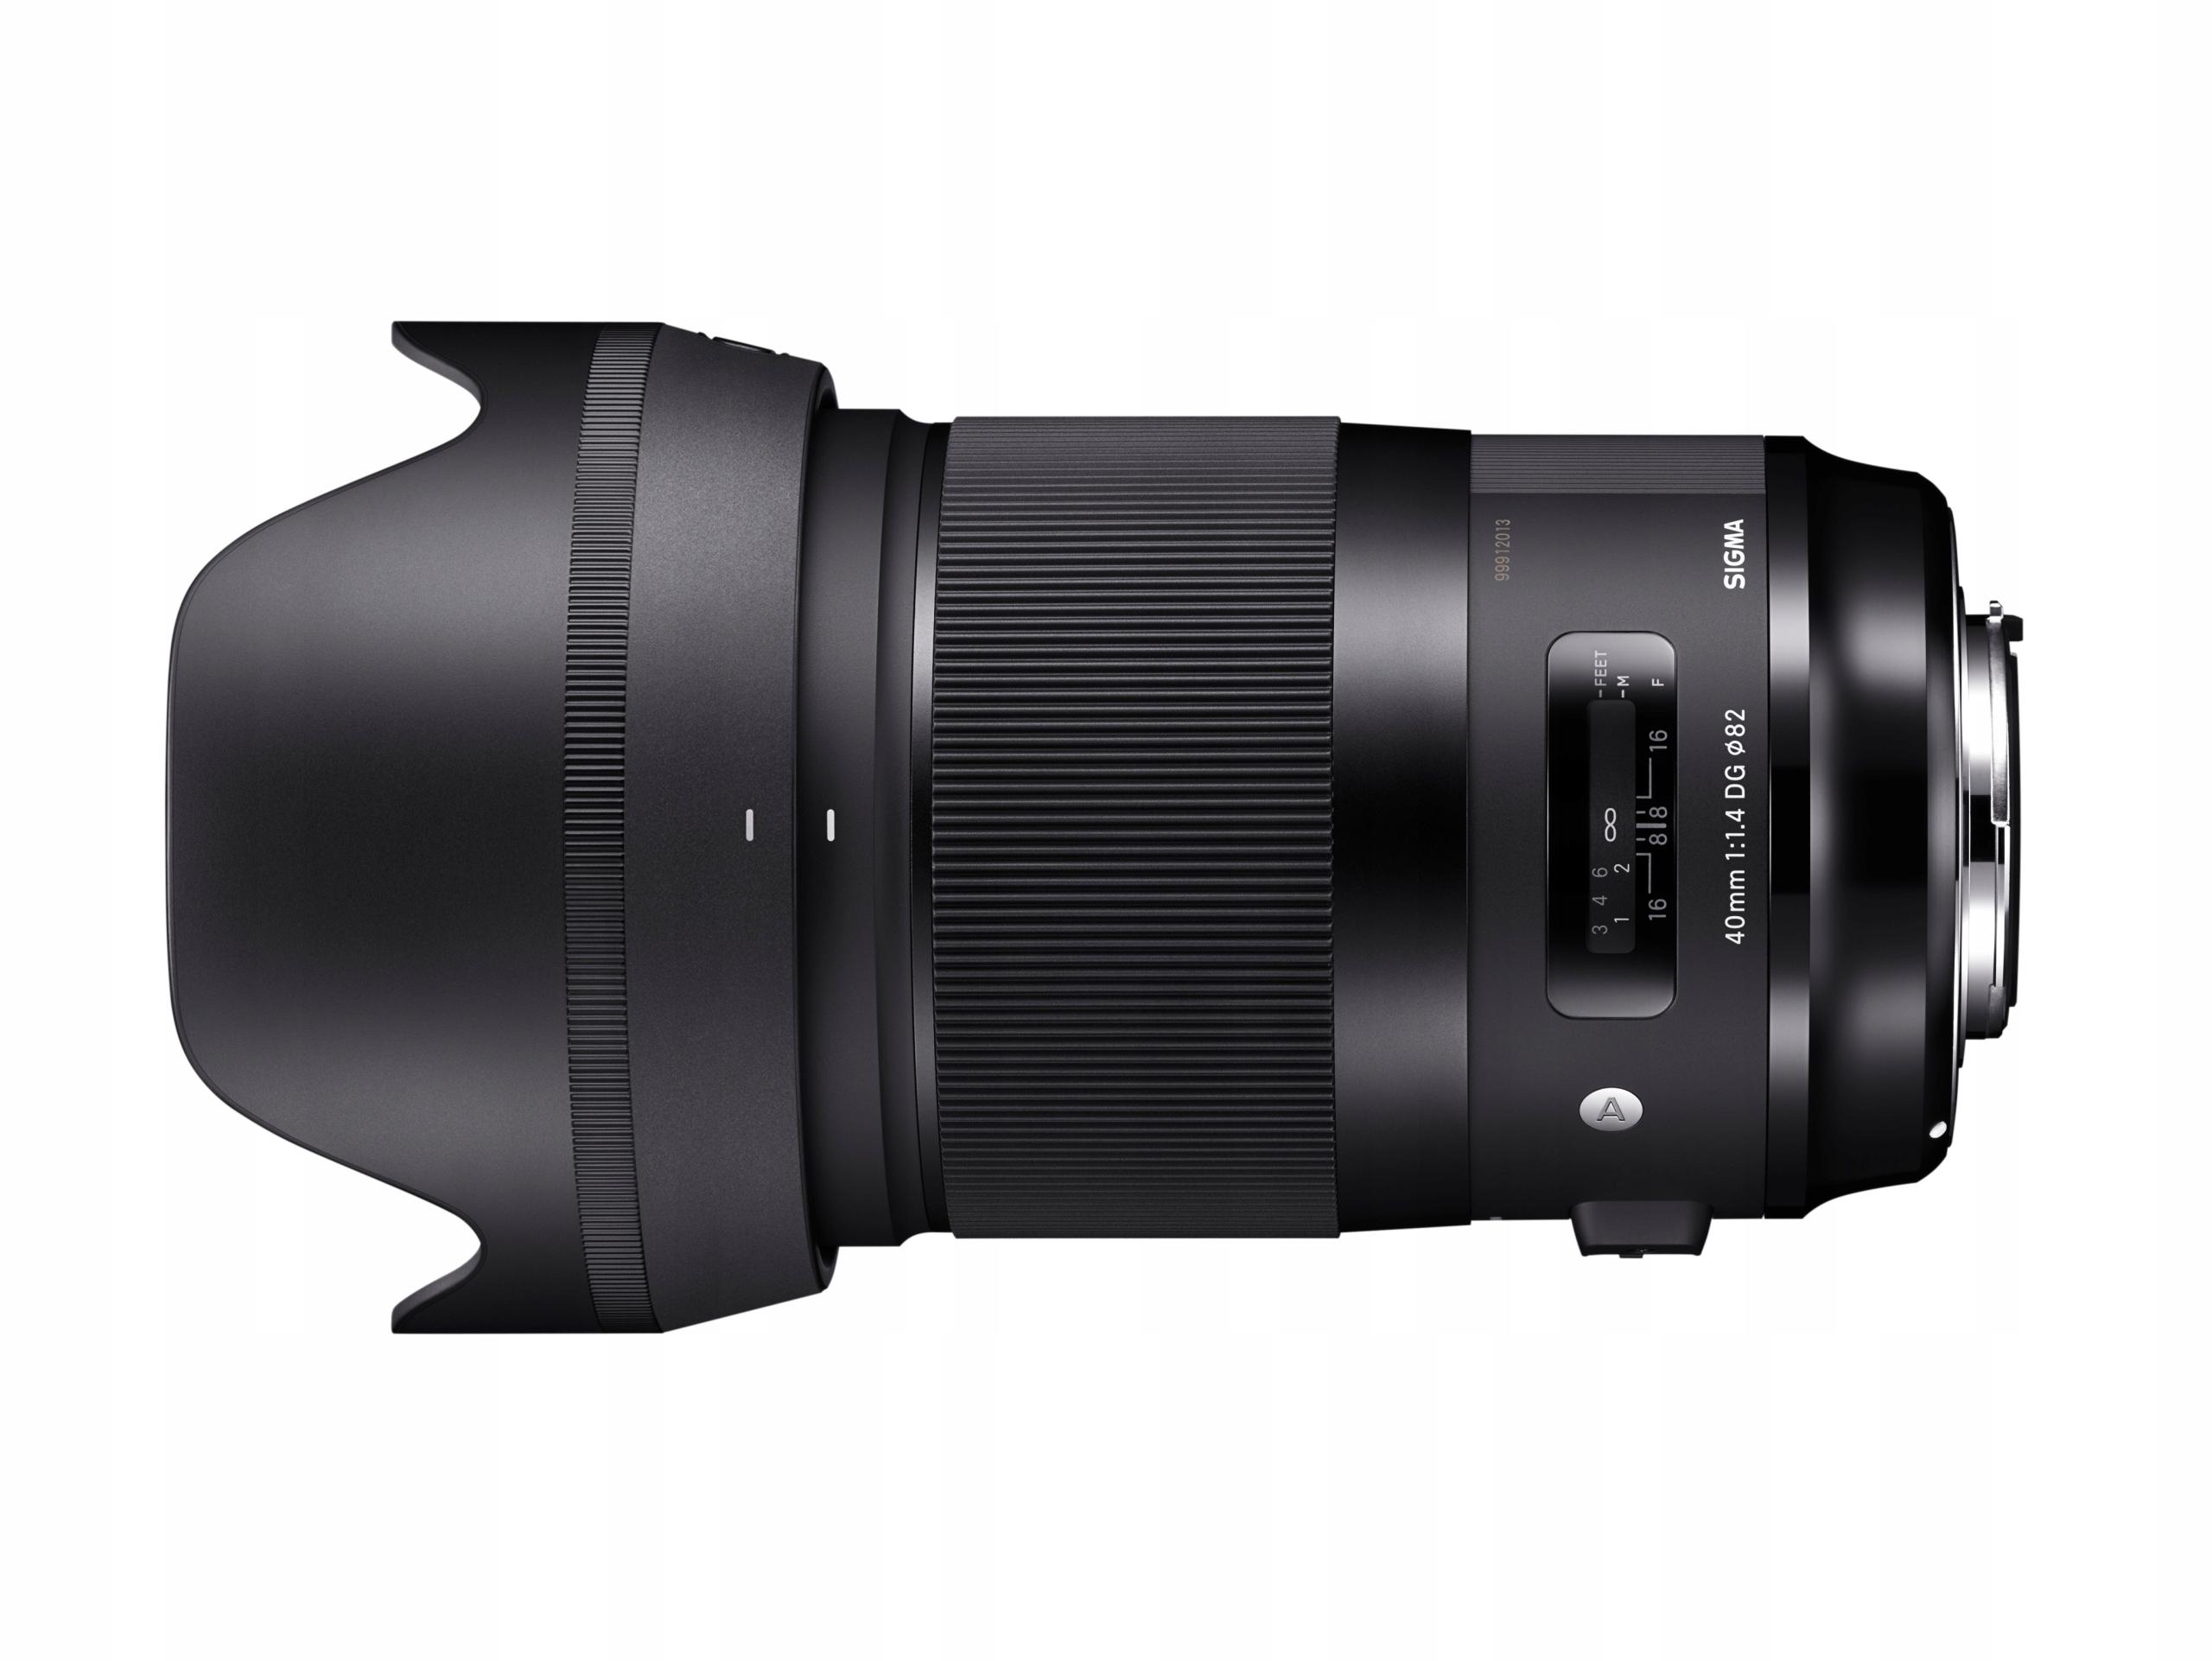 Item SIGMA 40mm f/1.4 ART Nikon NEW 3+2 year GW